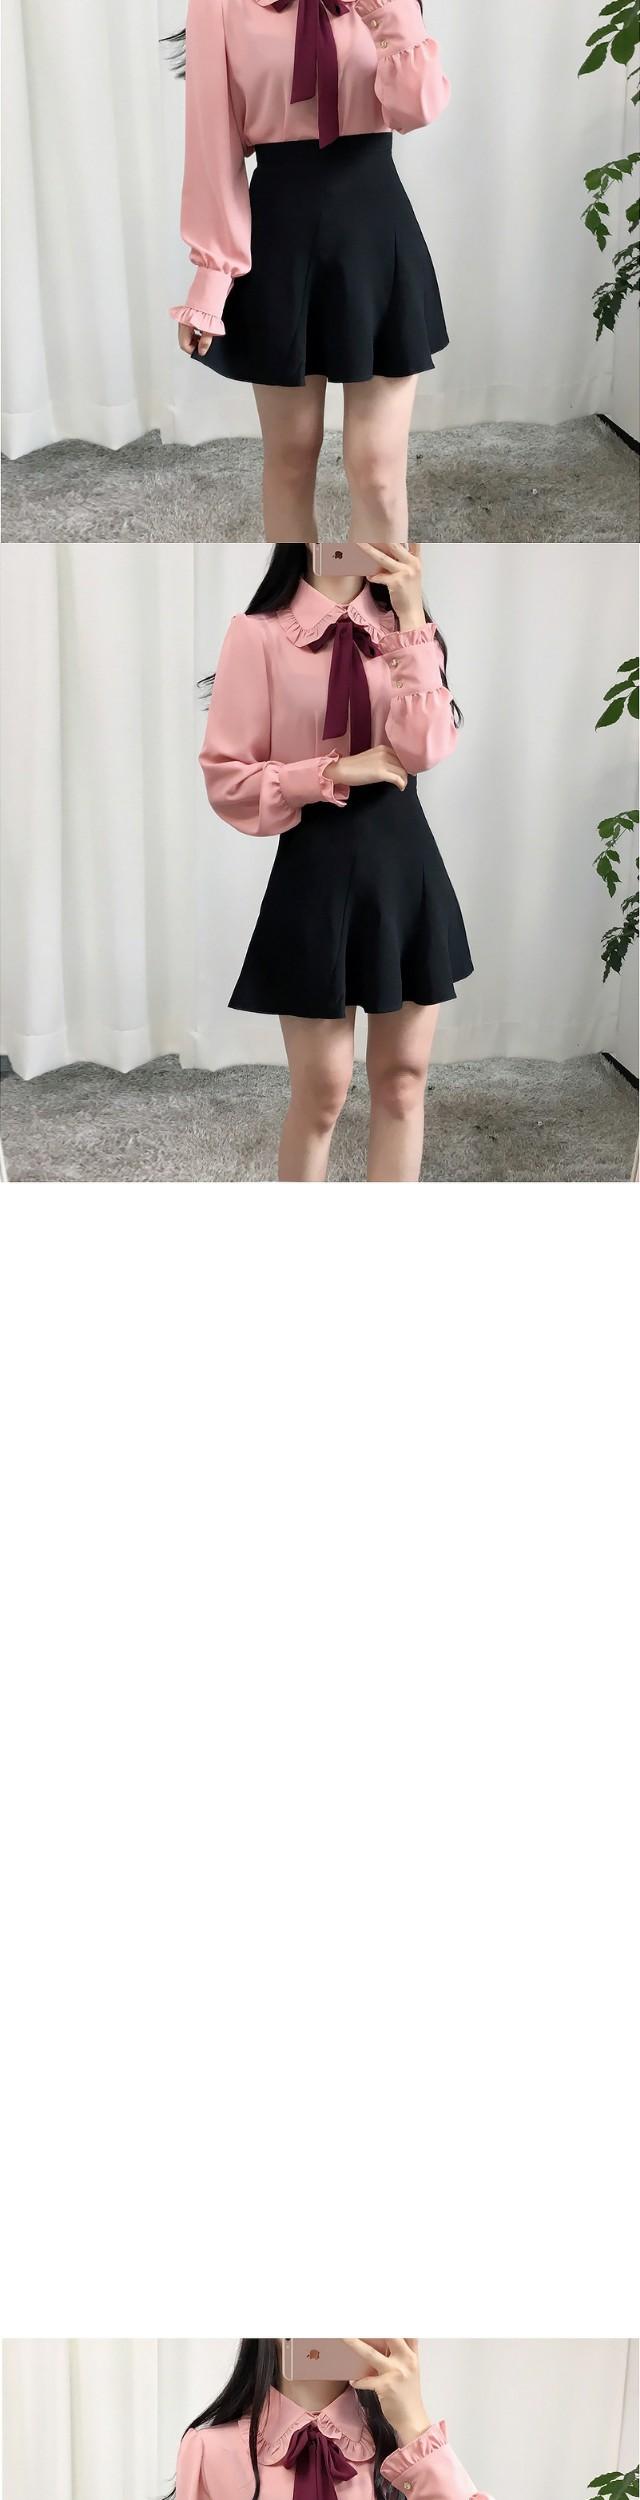 꽈배기 절개 스커트(3color)